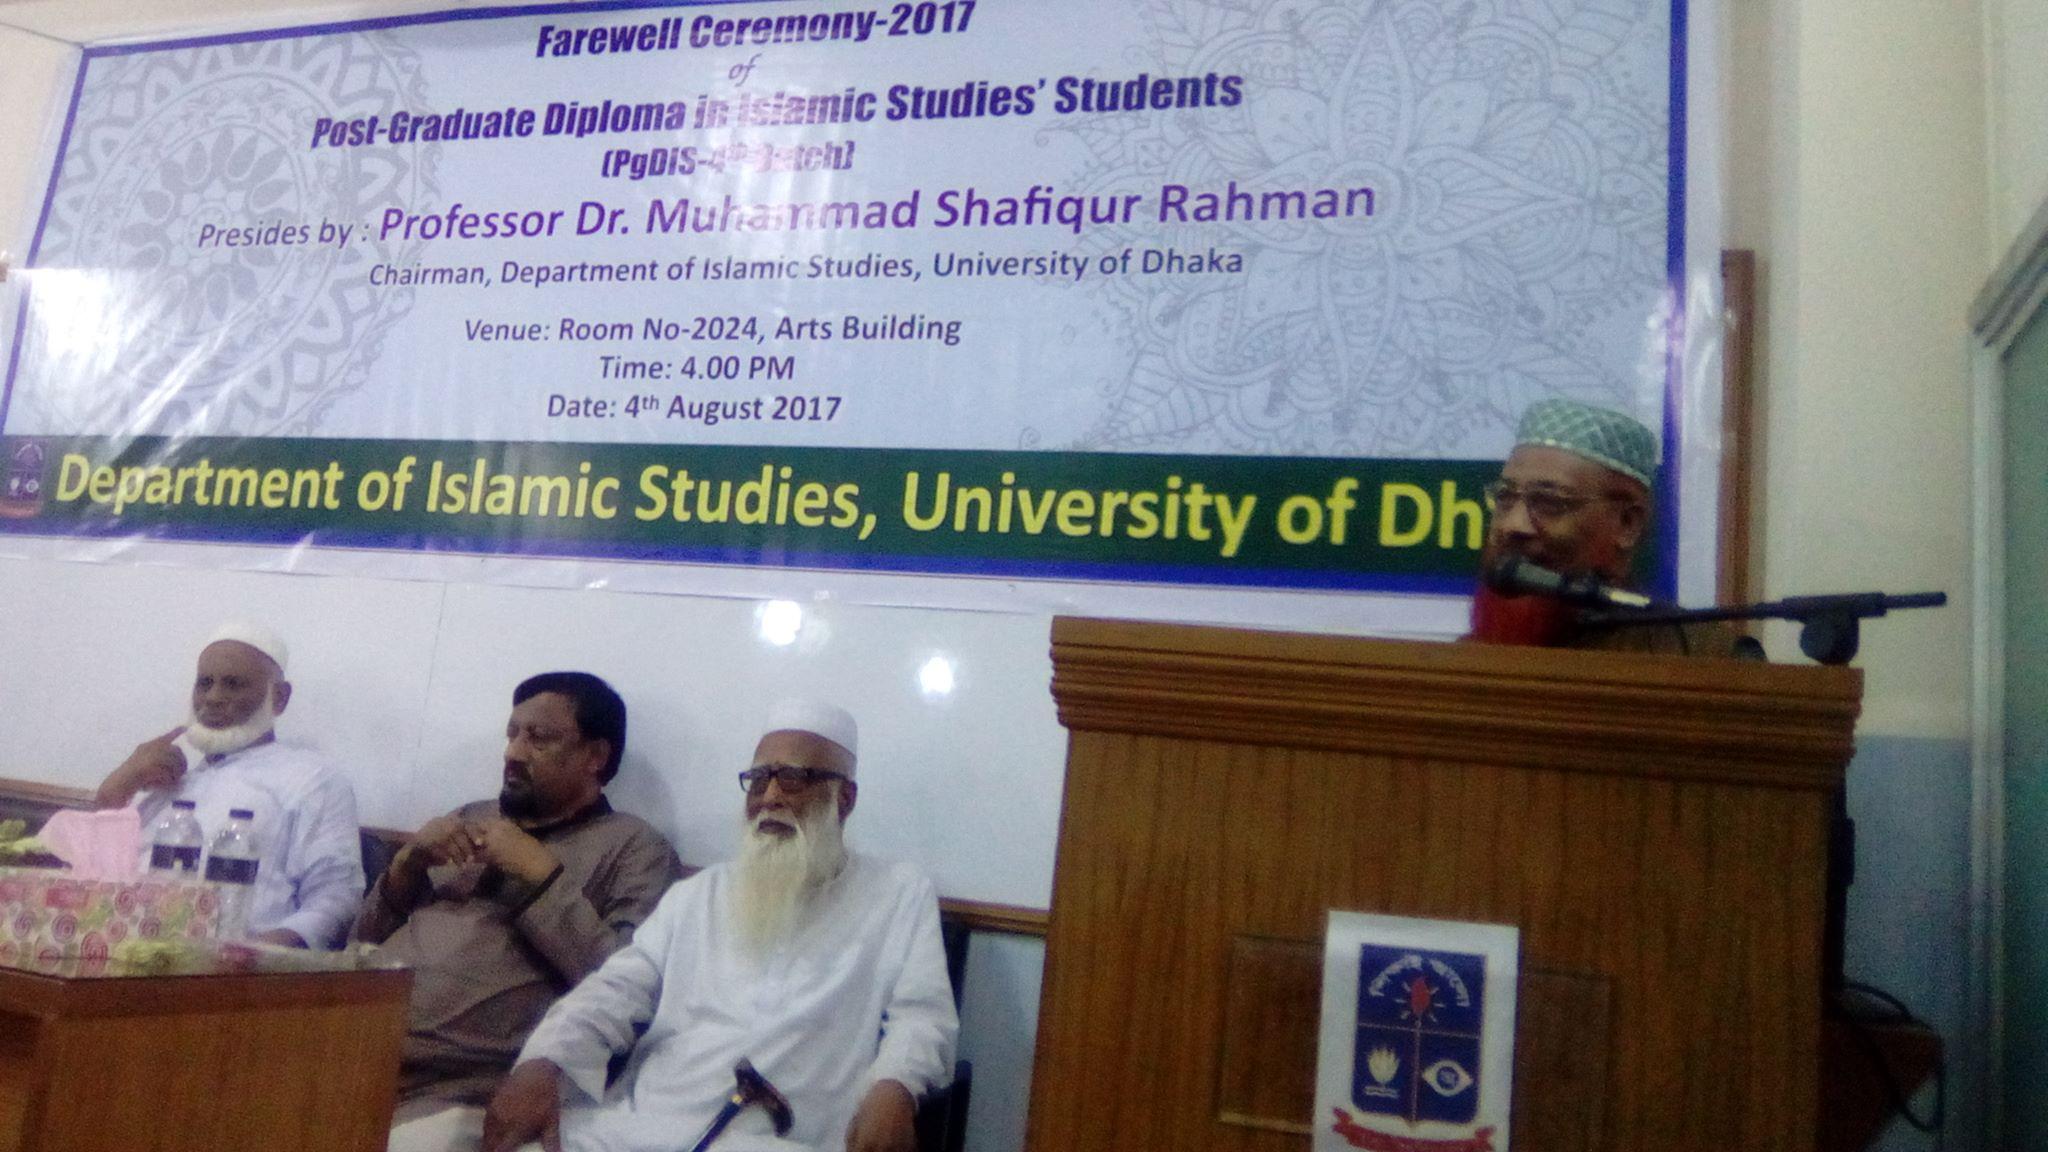 ঢাবি  ইসলামিক স্টাডিজের PgDIS এর শিক্ষা সমাপণী অনুষ্ঠান অনুষ্ঠিত